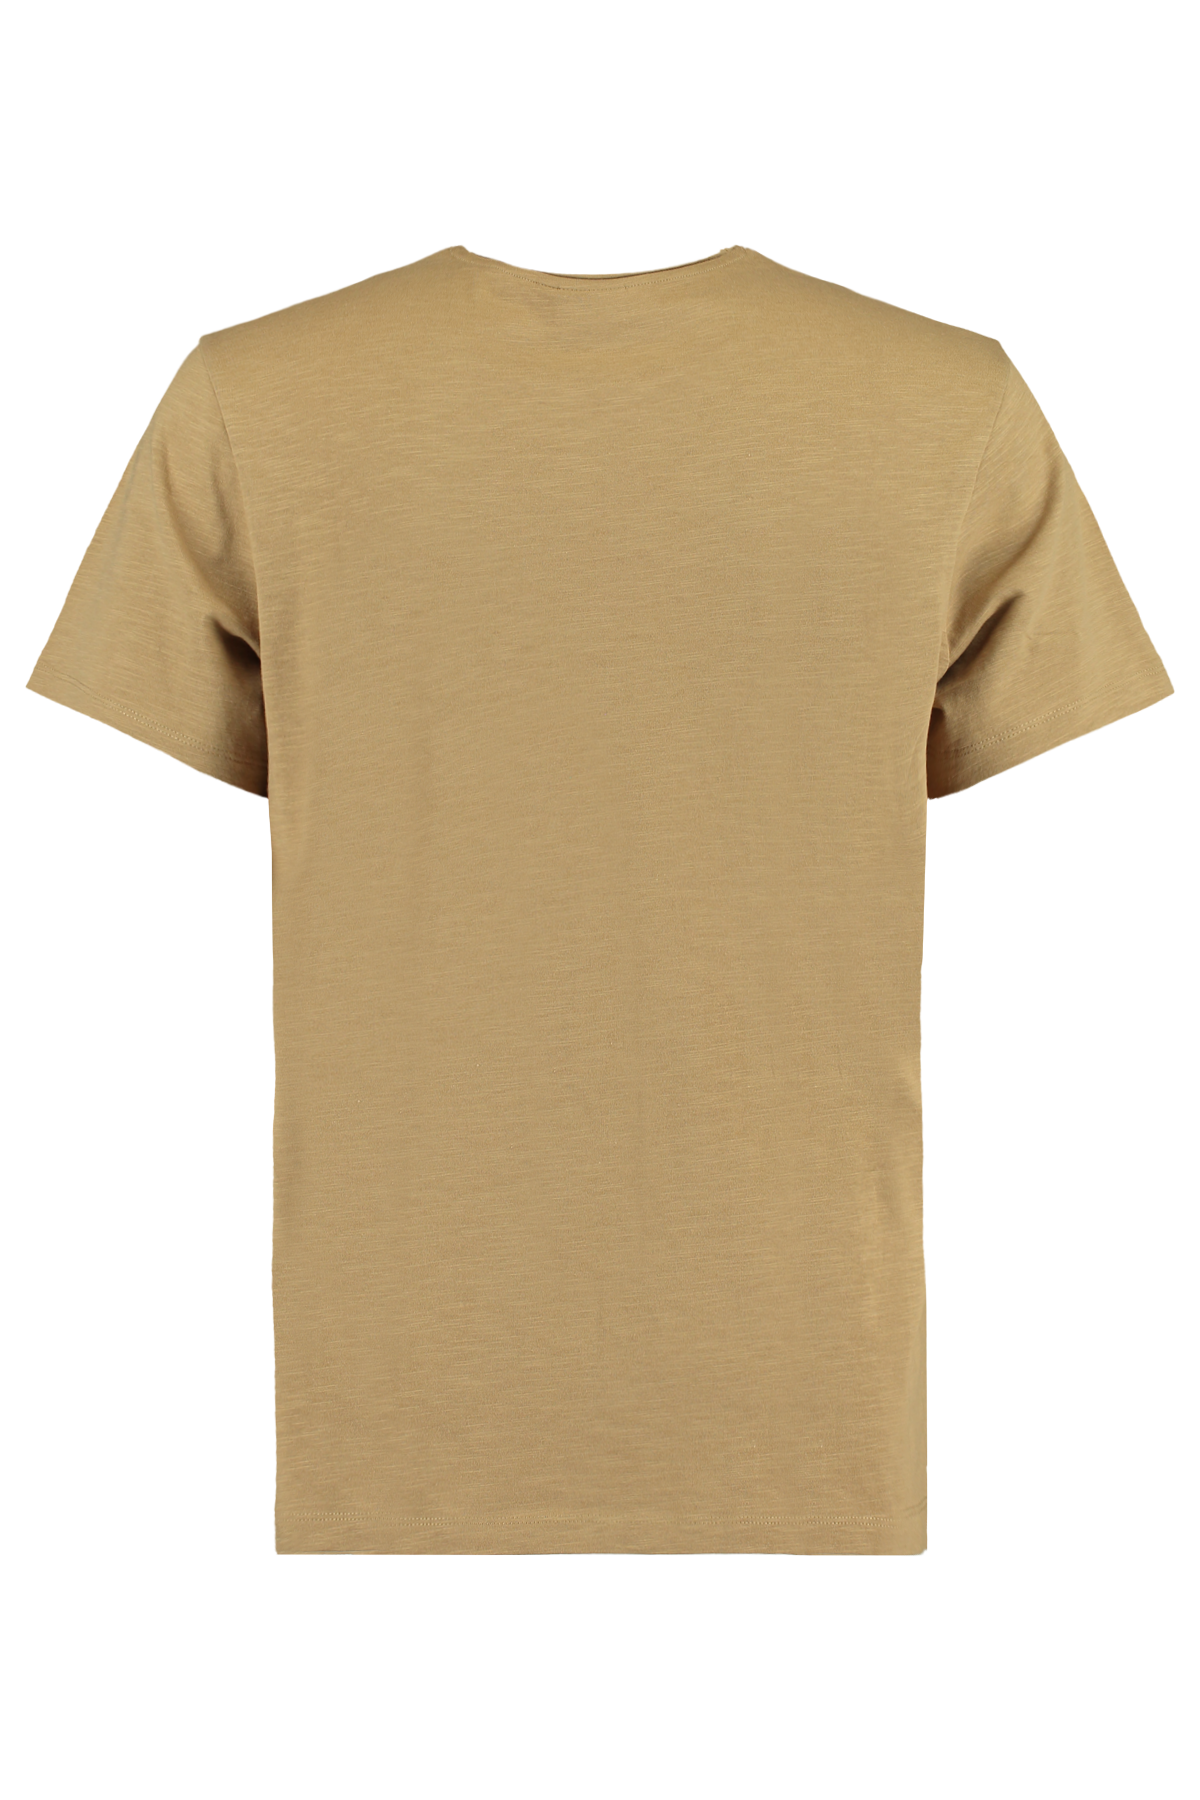 T-shirt Took